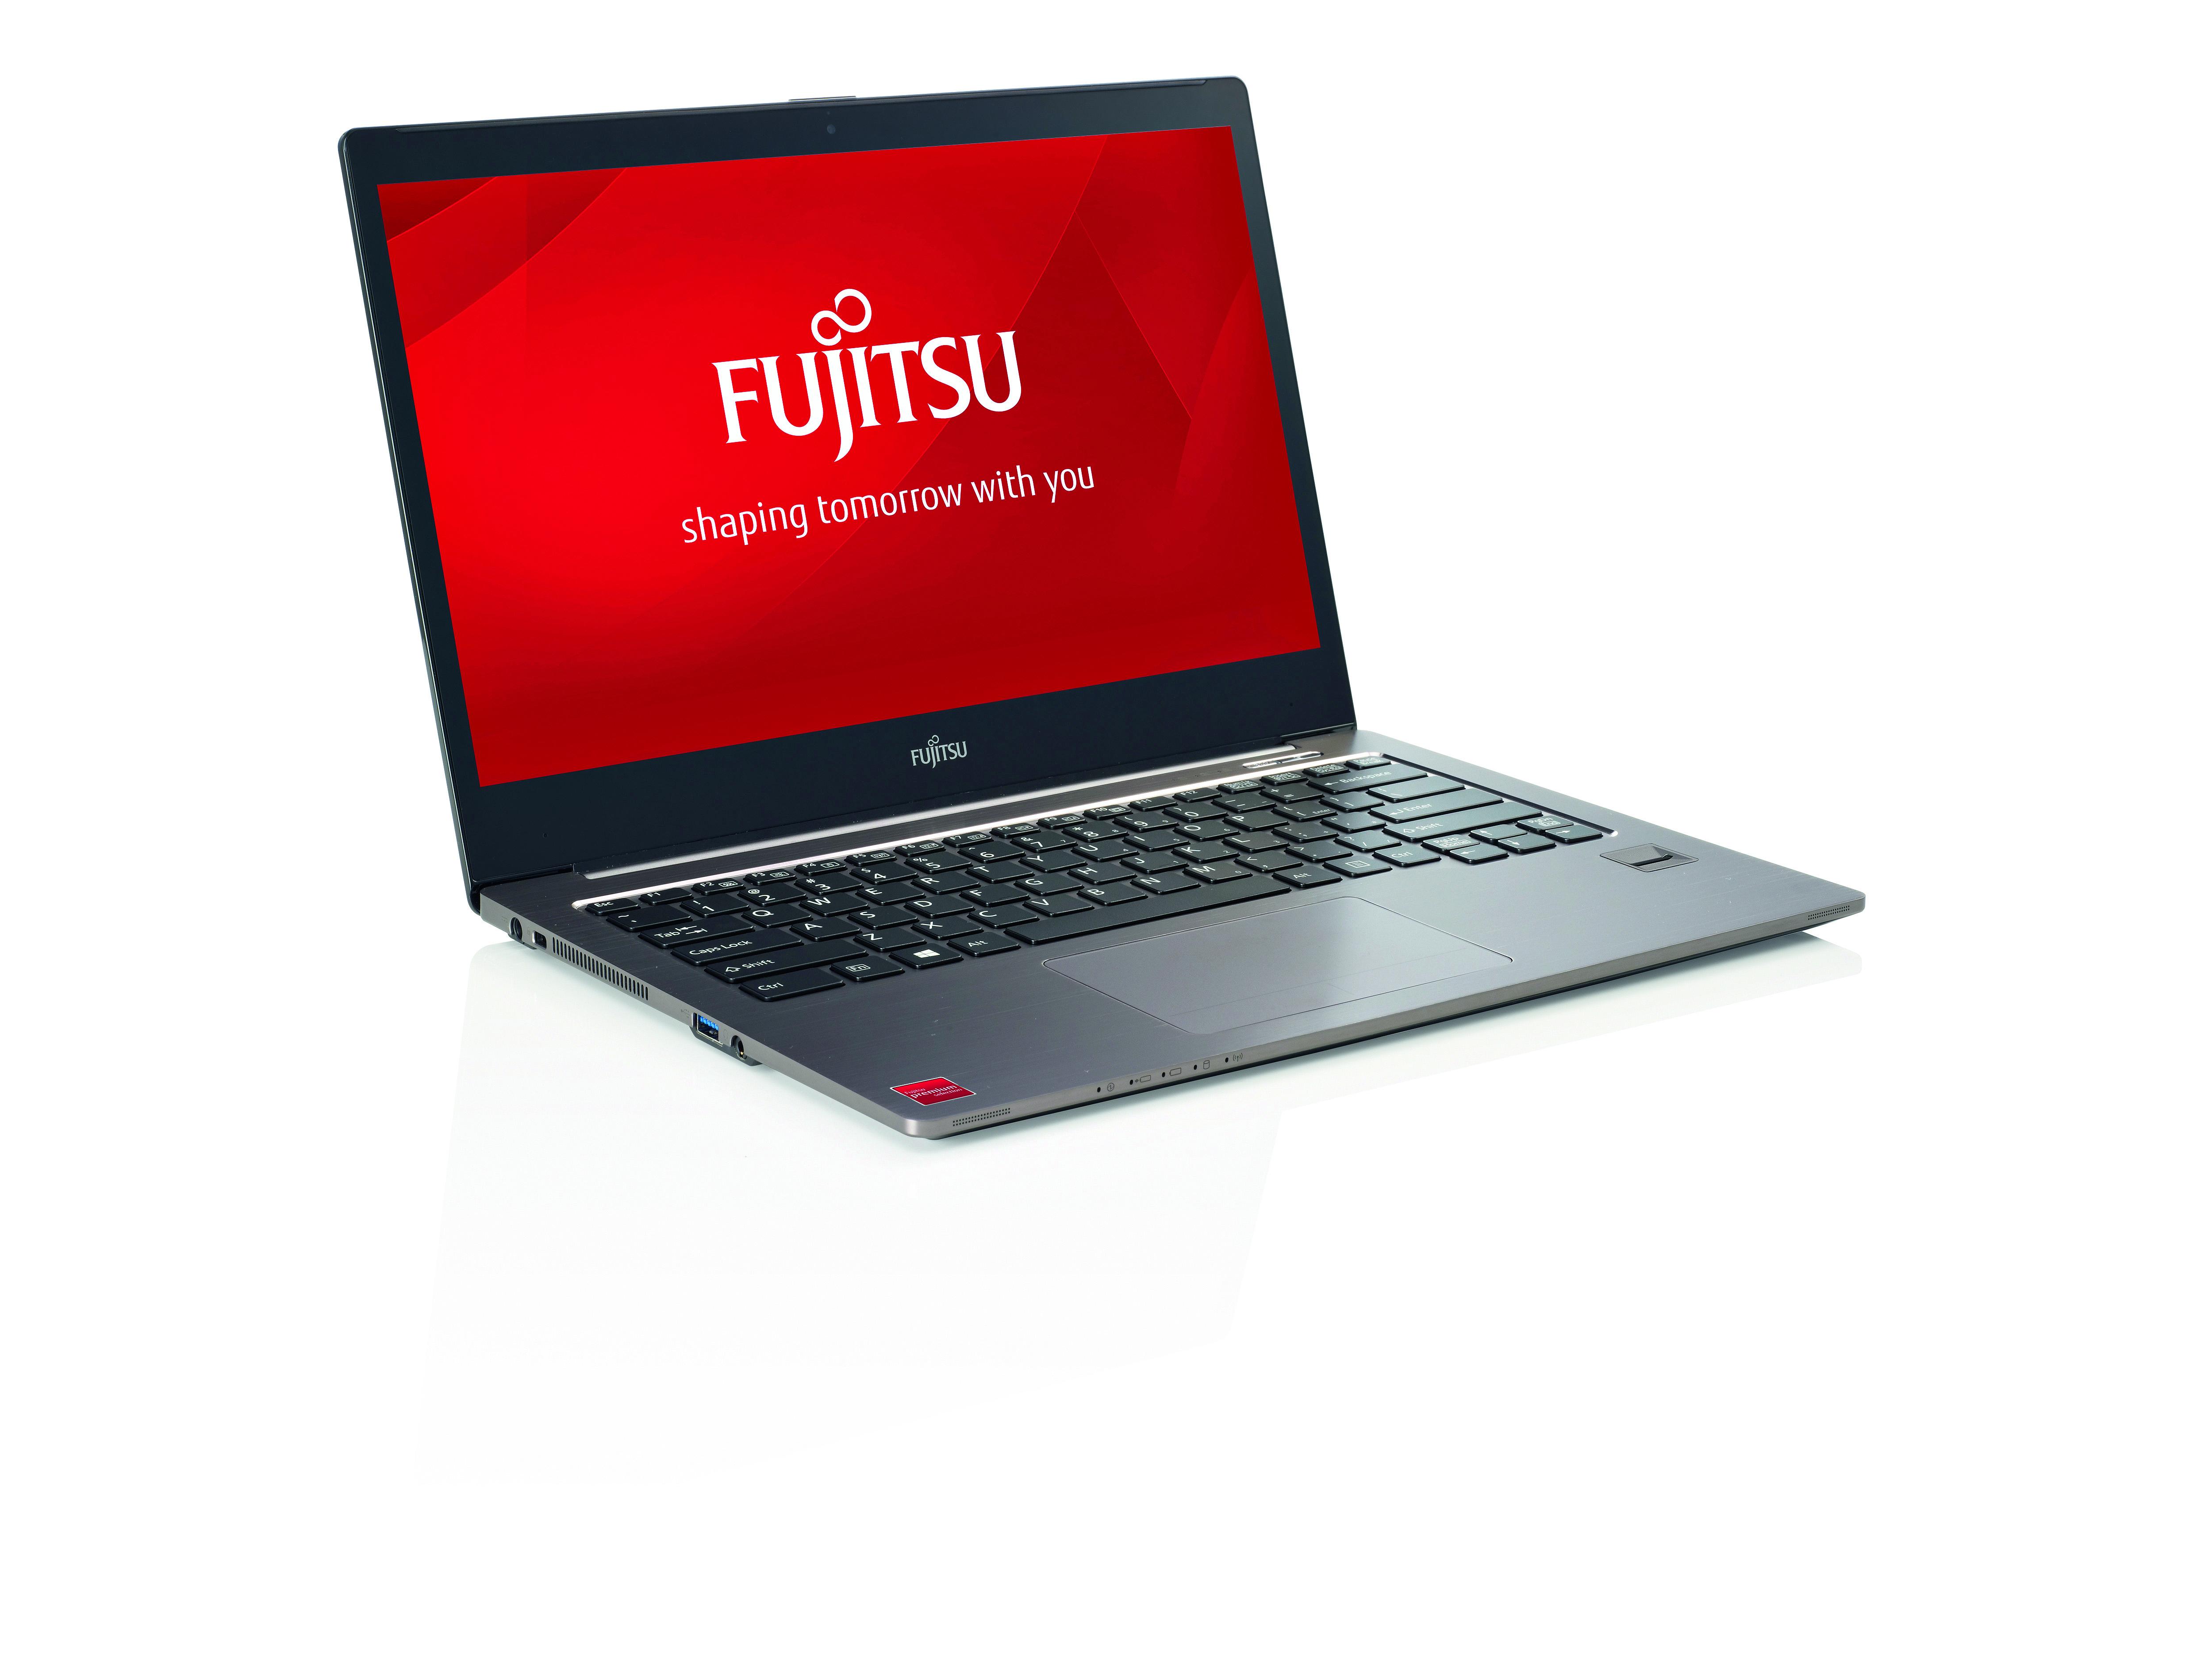 Fujitsu odcina dział PC